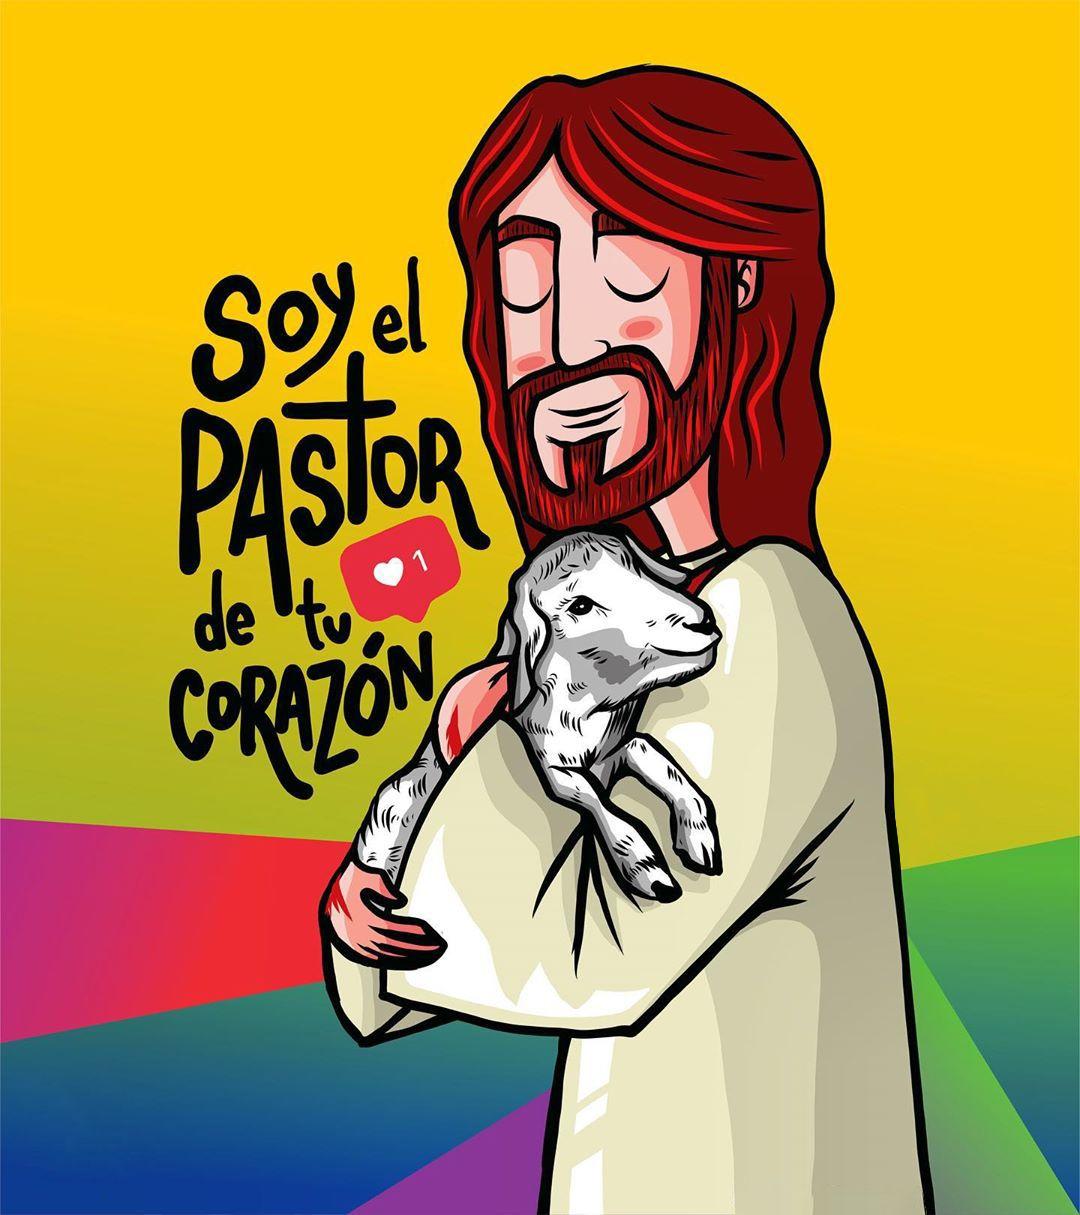 Jesus Oracion Espiritusanto God Cristo Pastor Cordero Dios Frases Jovenes Palabra De Dios Biblia Frases Cristianas